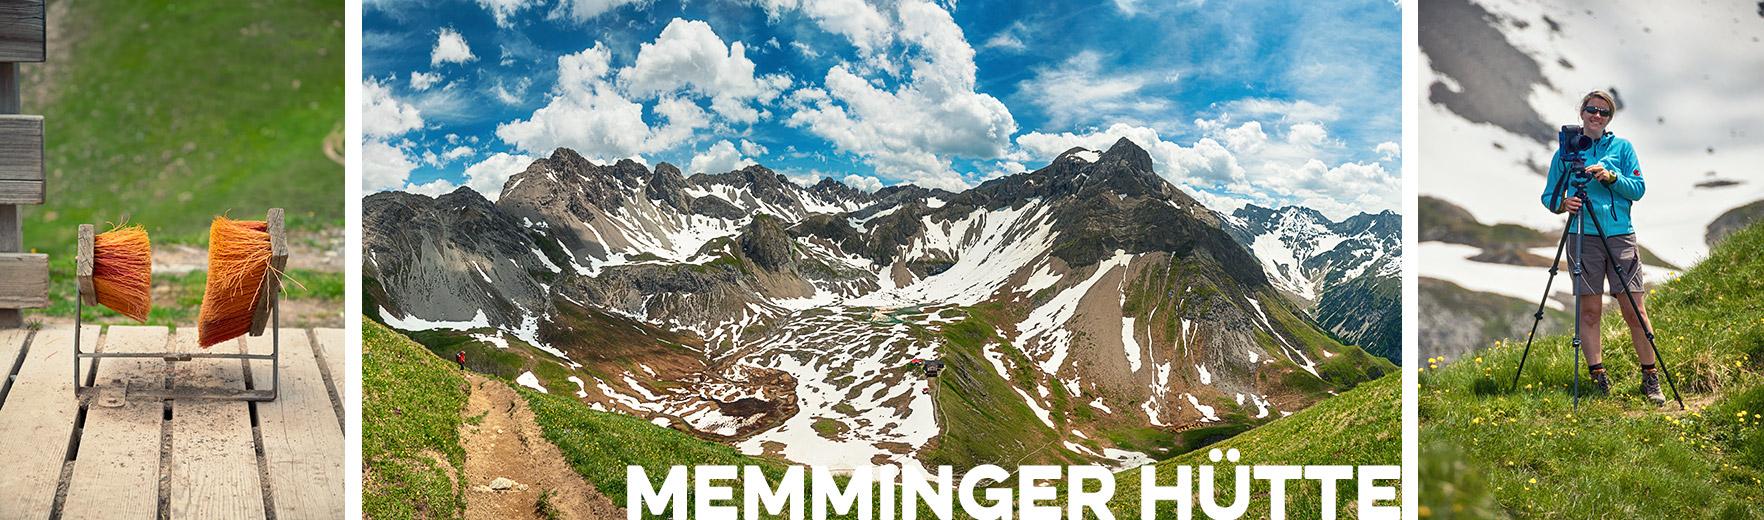 Memminger Hütte, JV